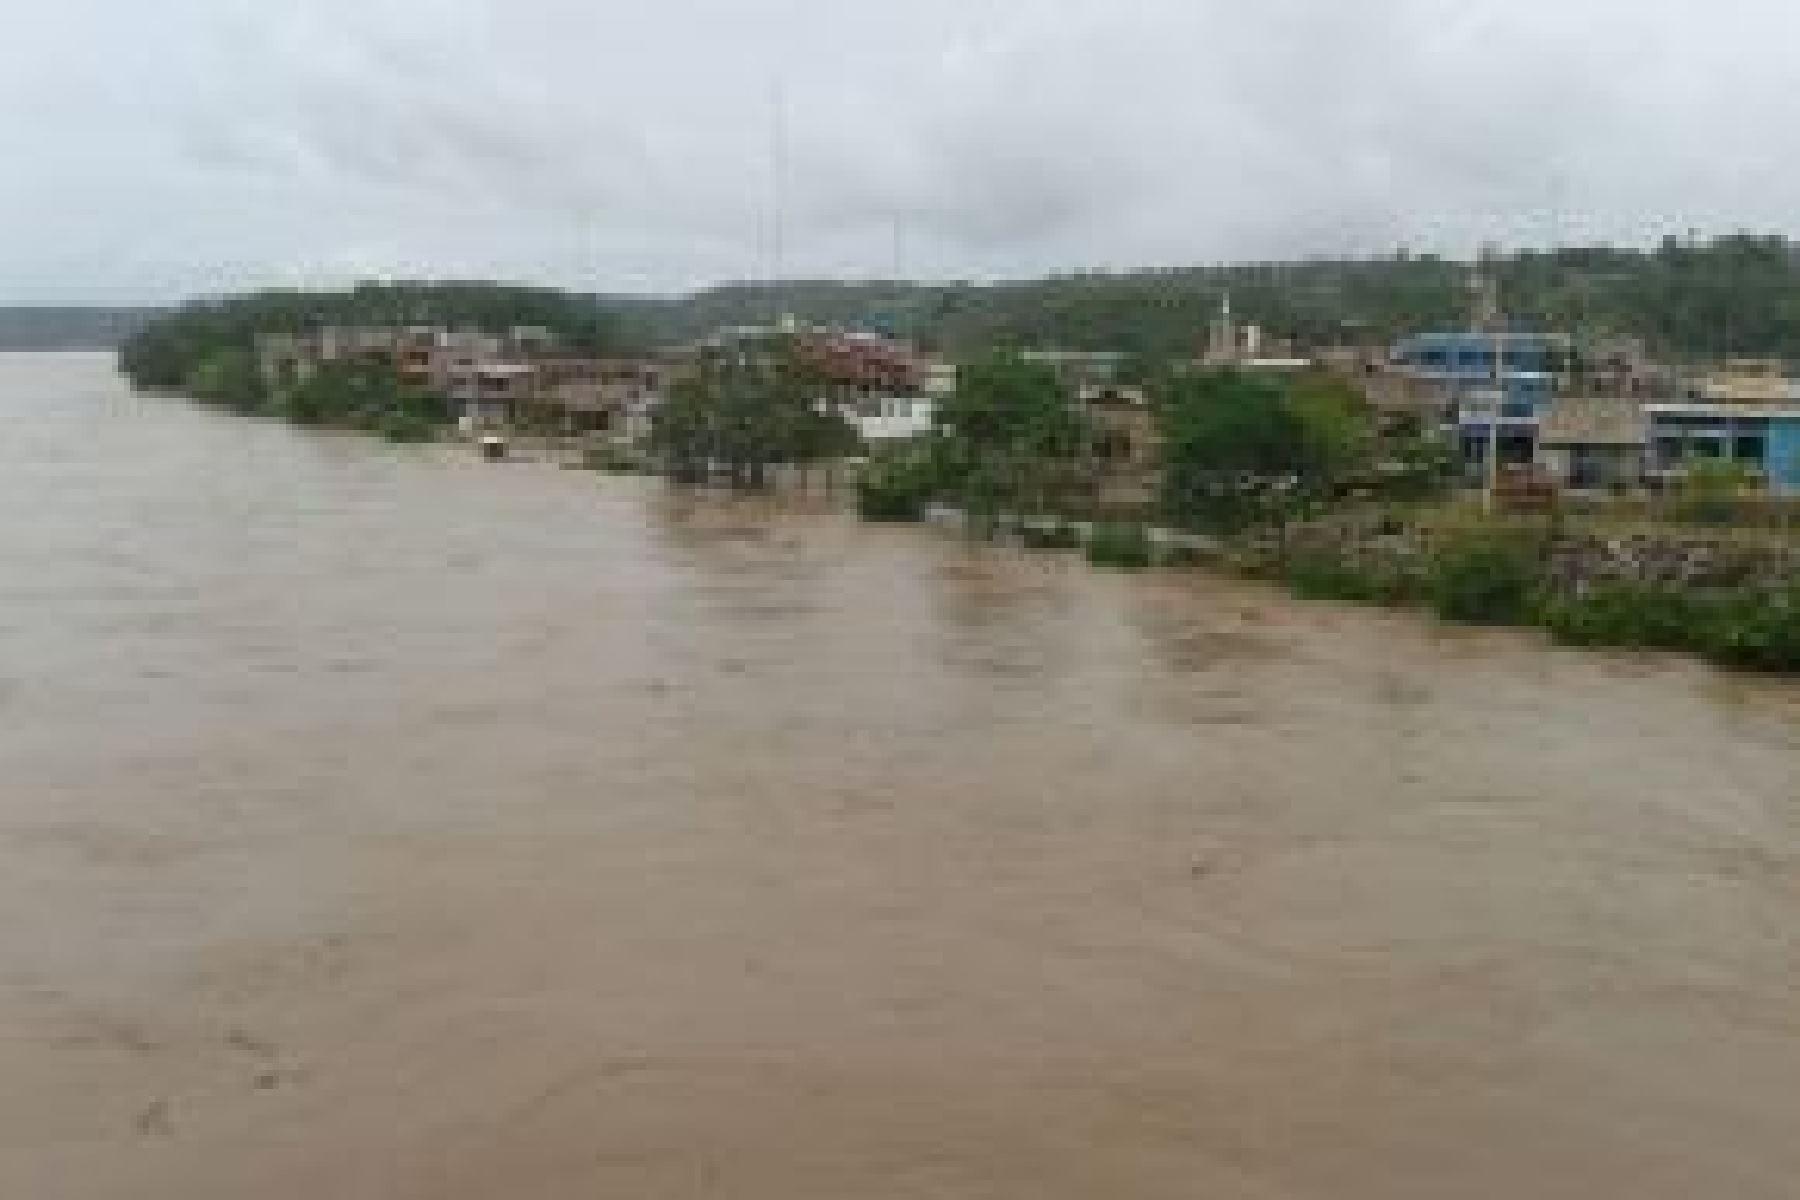 El río Huallaga, en la región Huánuco, ha incrementado significativamente su nivel de agua como resultado de la intensificación de lluvias sobre la cuenca media y alta, estando próximo a ingresar en alerta roja, informó el Servicio Nacional de Meteorología e Hidrología (Senamhi). ANDINA/Difusión